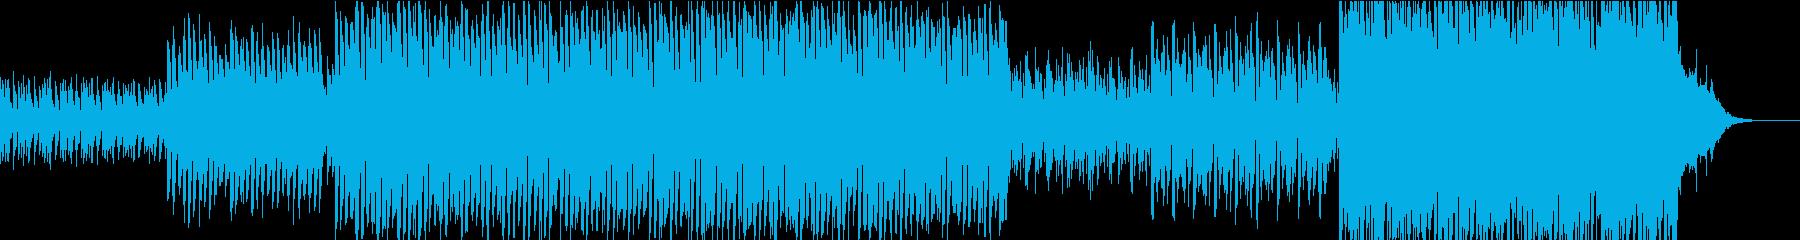 ピアノとストリングスの感動的なポップスの再生済みの波形